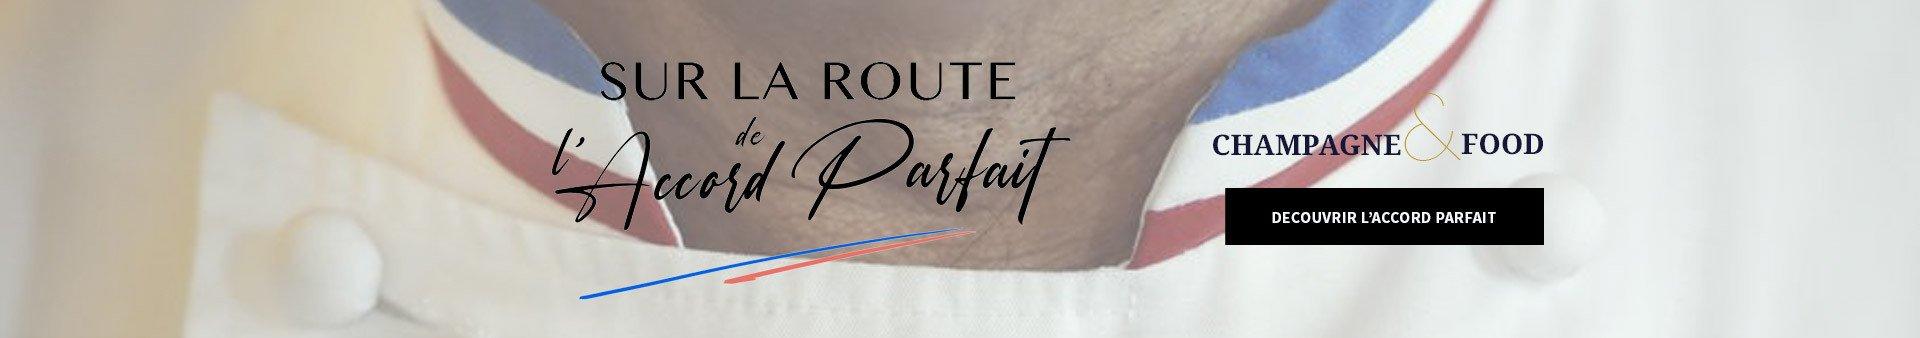 Sur la route de l'Accord Parfait